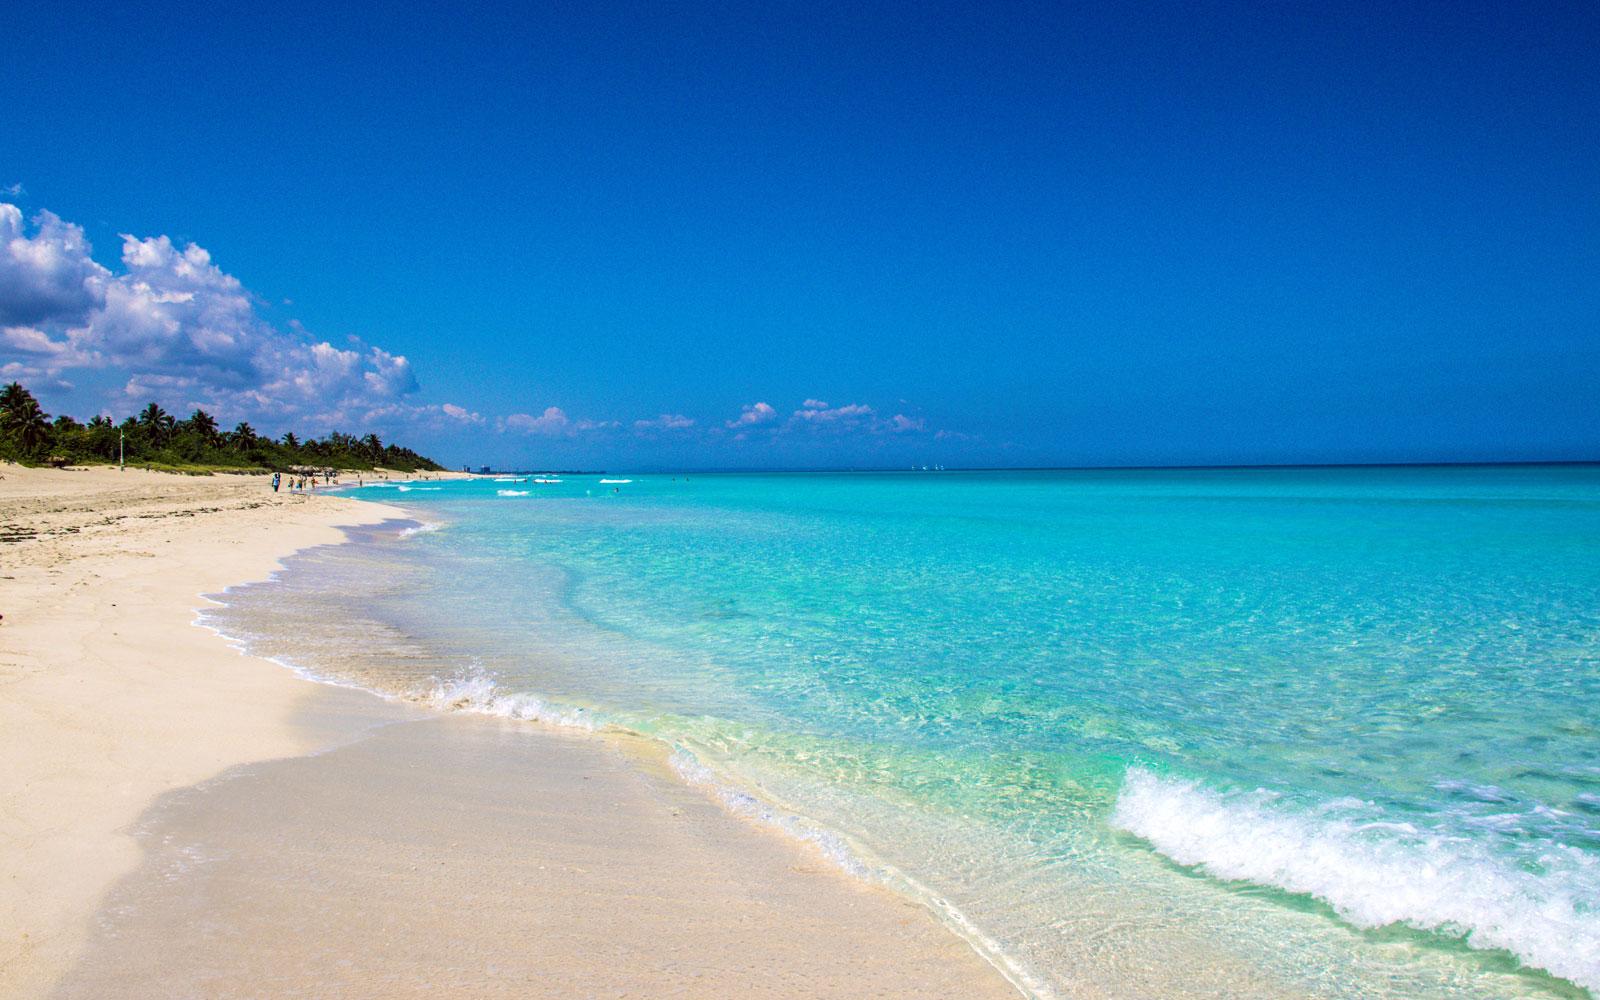 playa-varadero-cuba.jpg